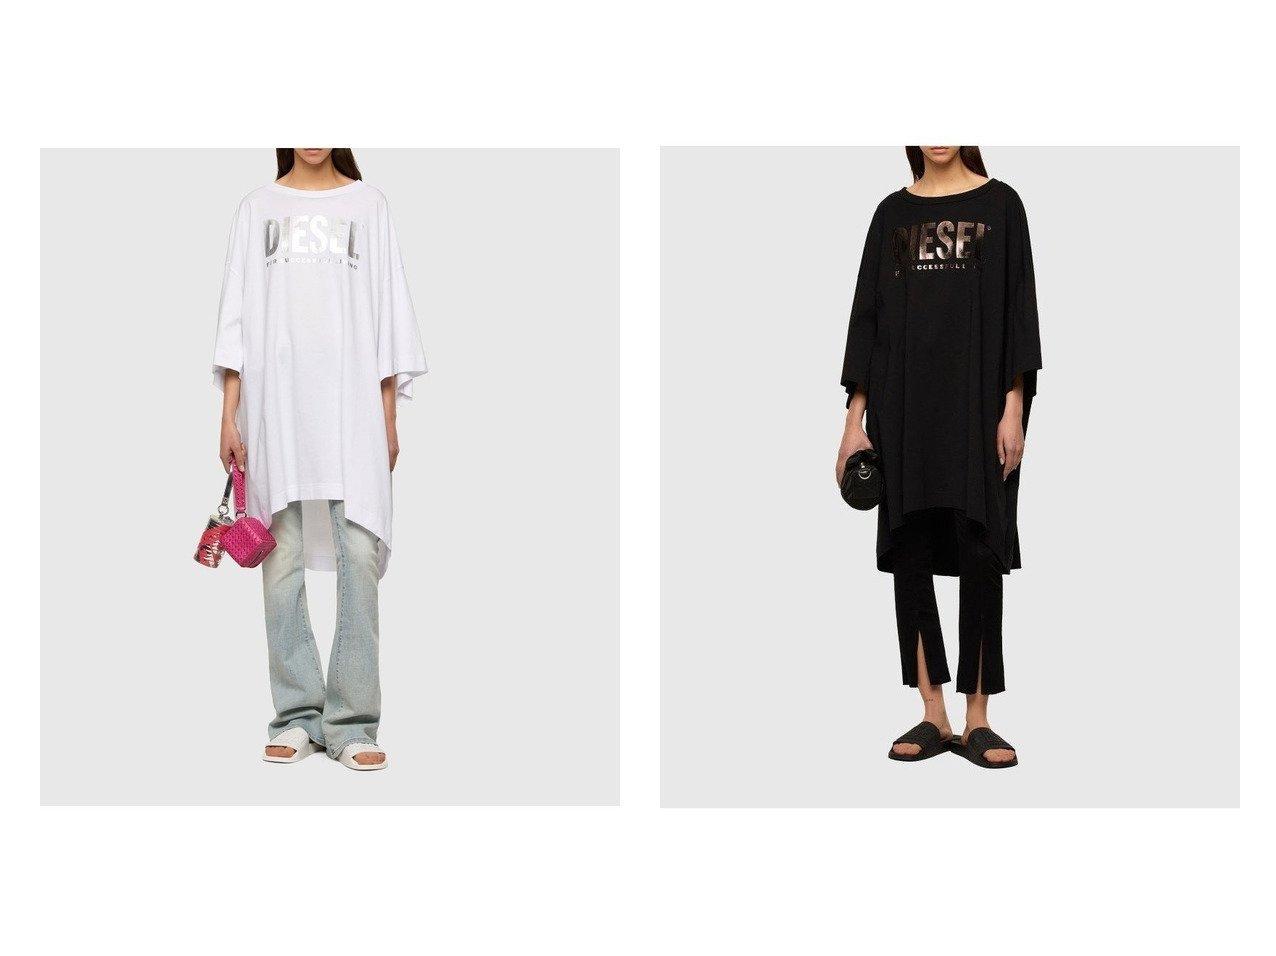 【DIESEL/ディーゼル】のD-EXTRA おすすめ!人気、トレンド・レディースファッションの通販 おすすめで人気の流行・トレンド、ファッションの通販商品 インテリア・家具・メンズファッション・キッズファッション・レディースファッション・服の通販 founy(ファニー) https://founy.com/ ファッション Fashion レディースファッション WOMEN ワンピース Dress シャツワンピース Shirt Dresses おすすめ Recommend クール スニーカー プリント メタリック リラックス レギンス 半袖 |ID:crp329100000040934